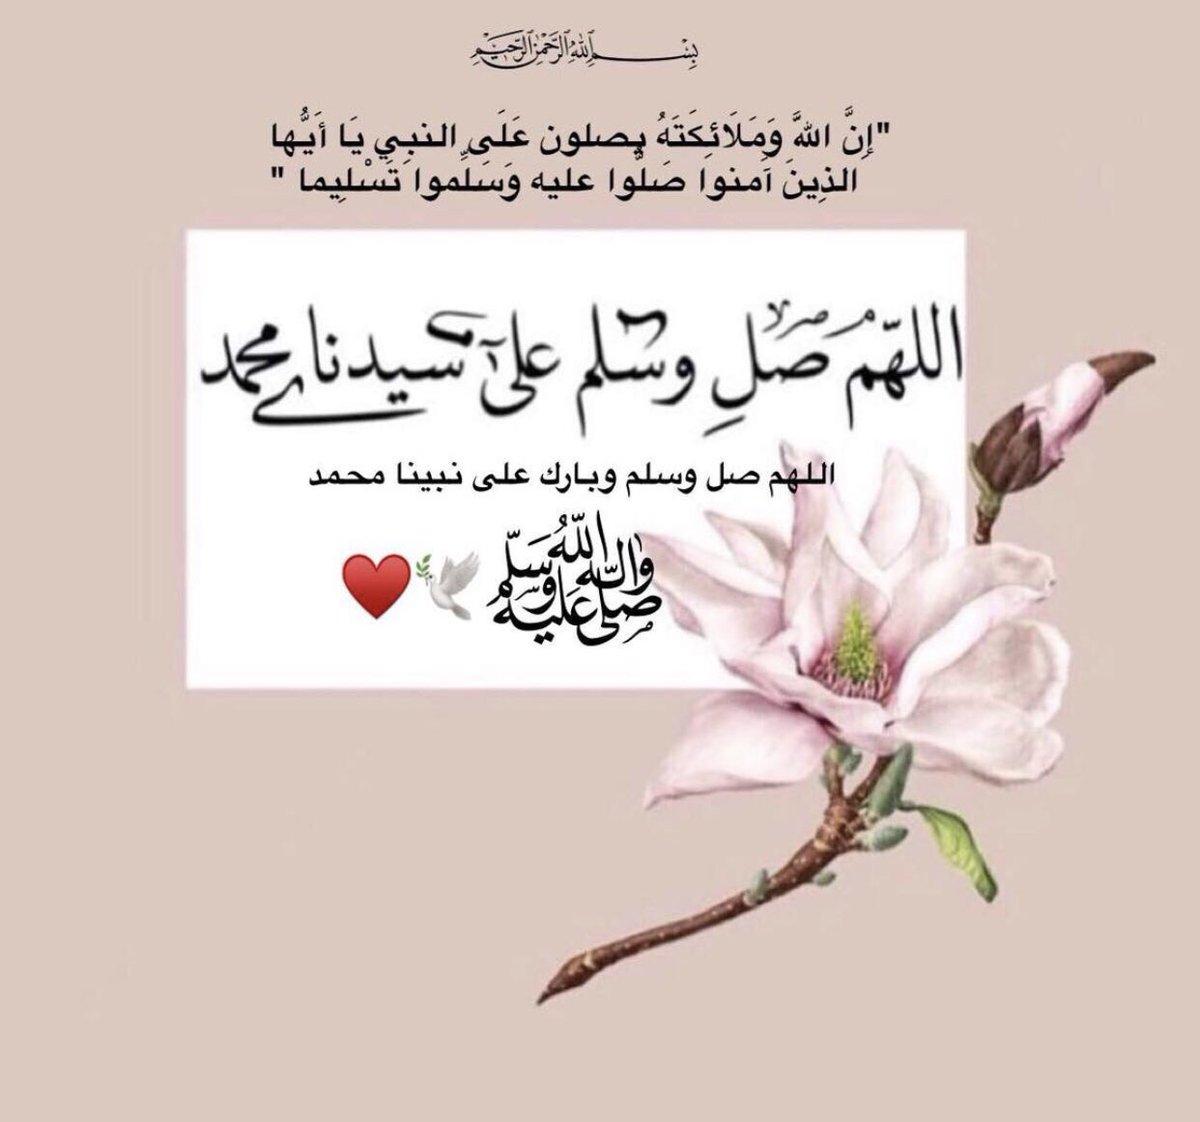 aslamyat's photo on #صلوا_عليه_لاجل_شفاعته